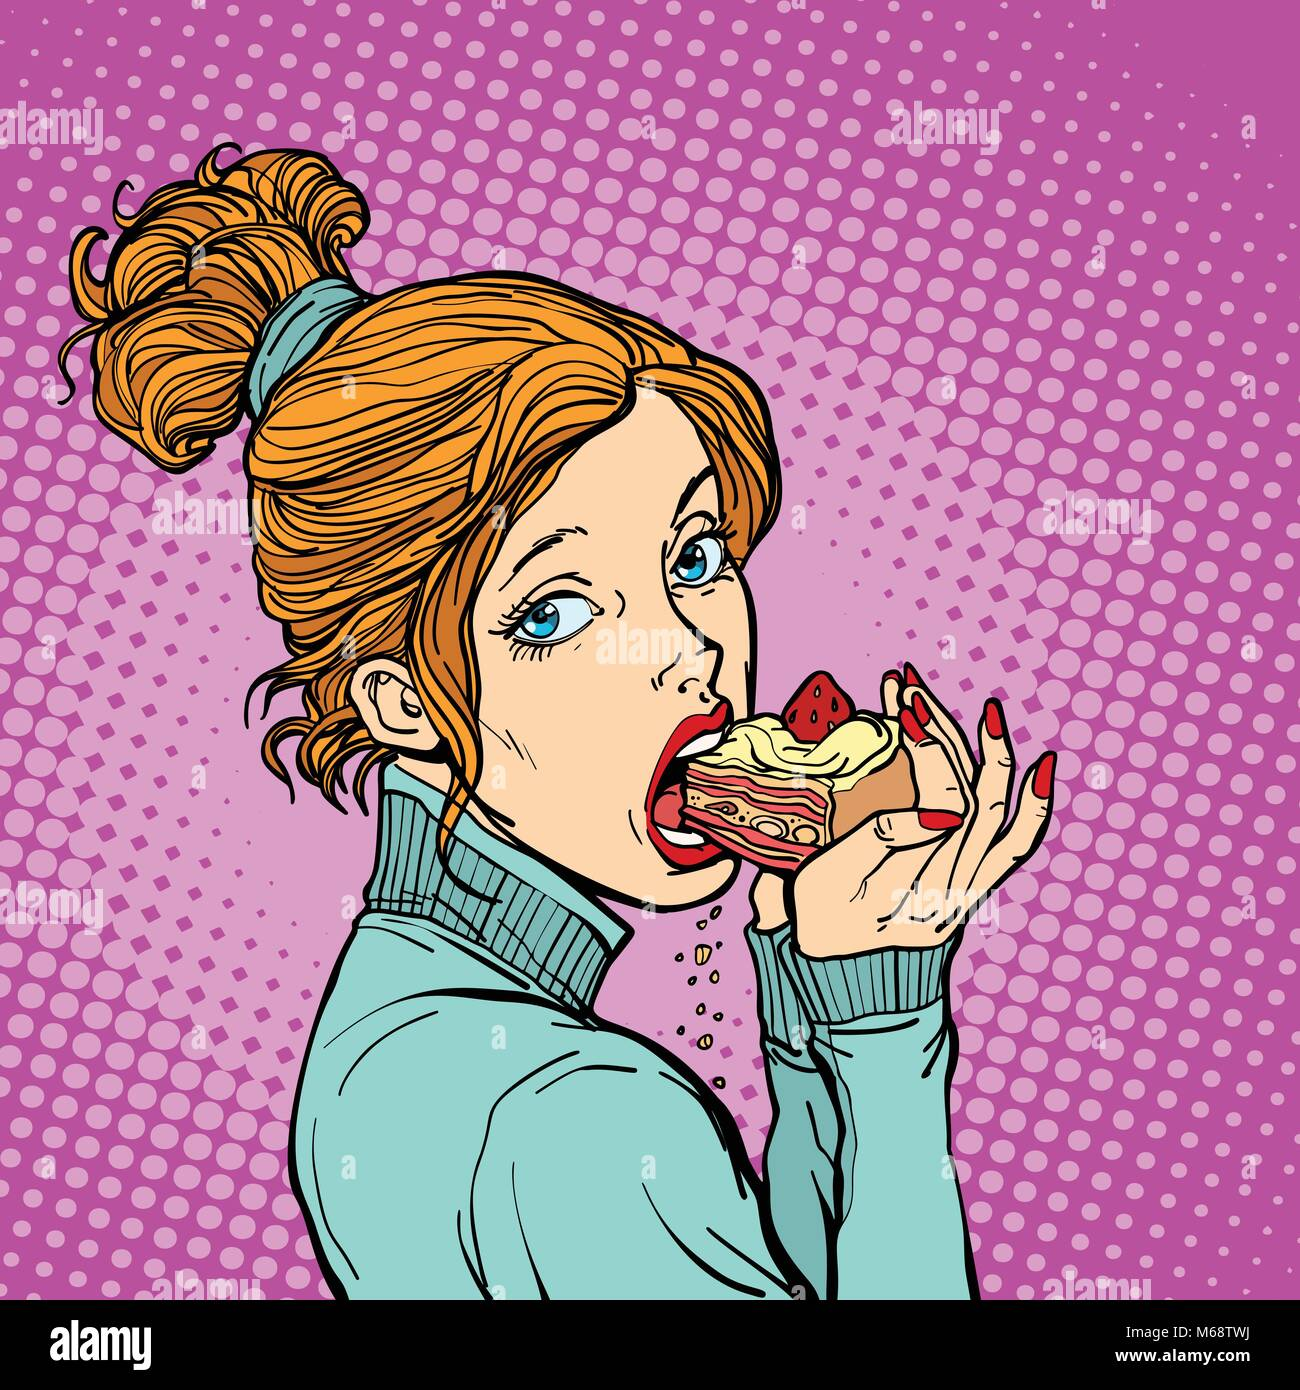 Frau Essen Ein Stuck Kuchen Diat Und Suss Comic Cartoon Pop Art